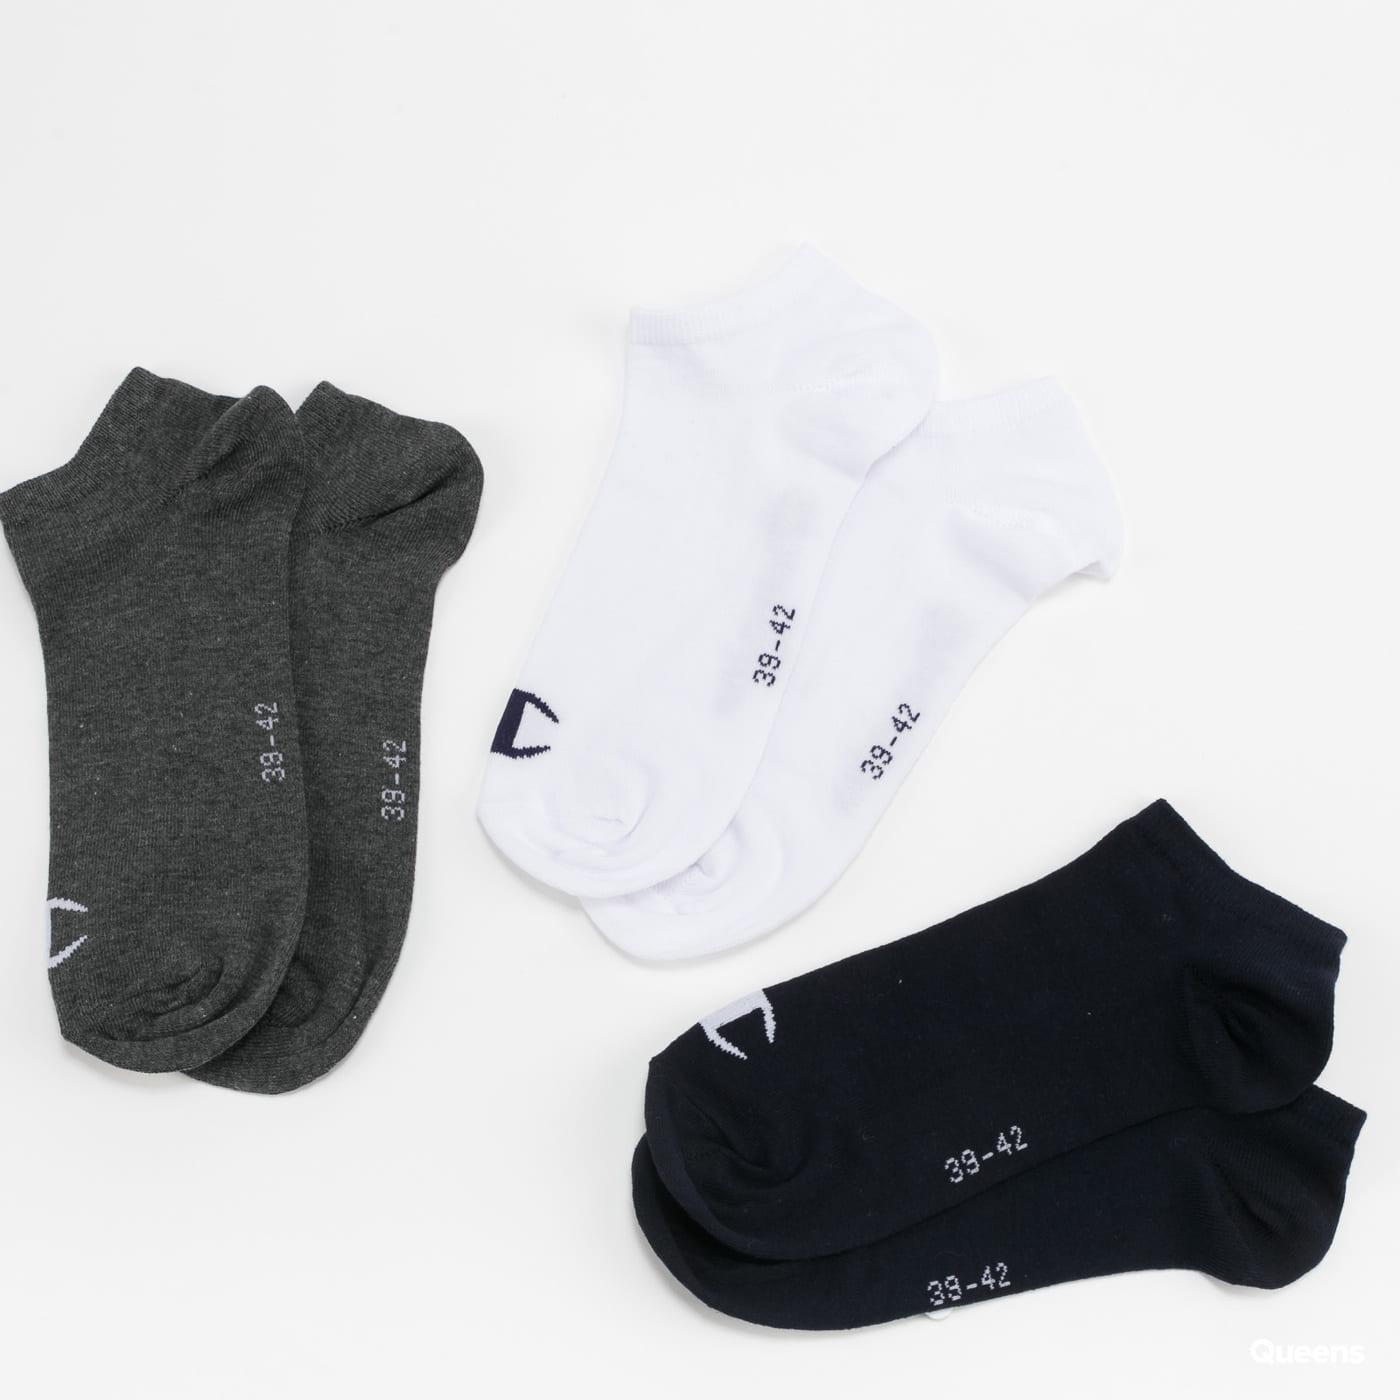 Champion 3Pack In Shoe Legacy Socks navy / white / melange dark gray